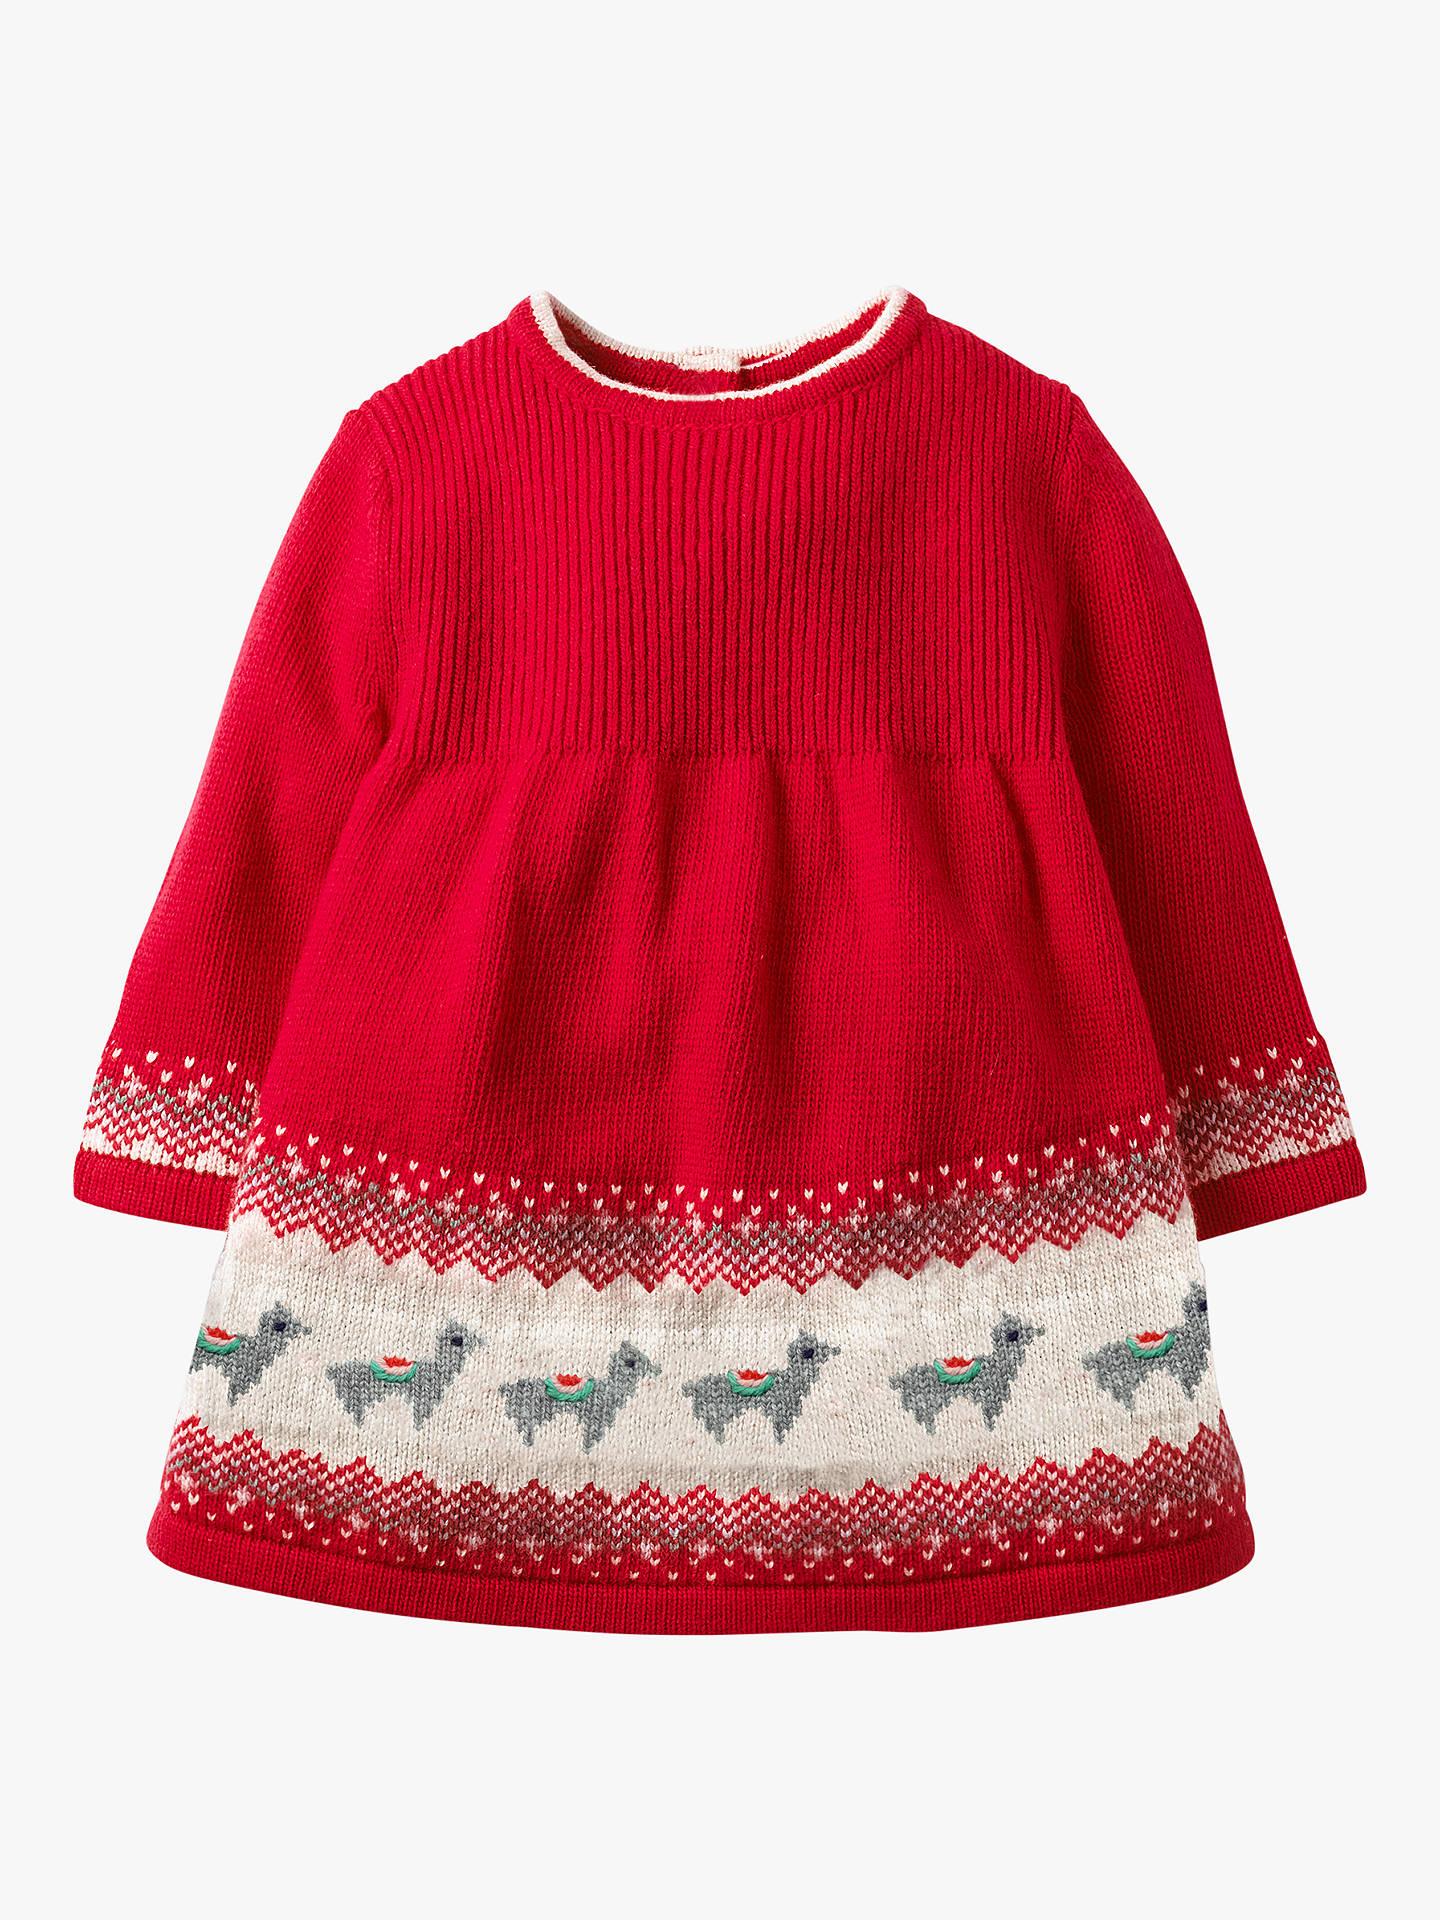 01c61d33c001 Buy Mini Boden Baby Fairisle Knitted Dress